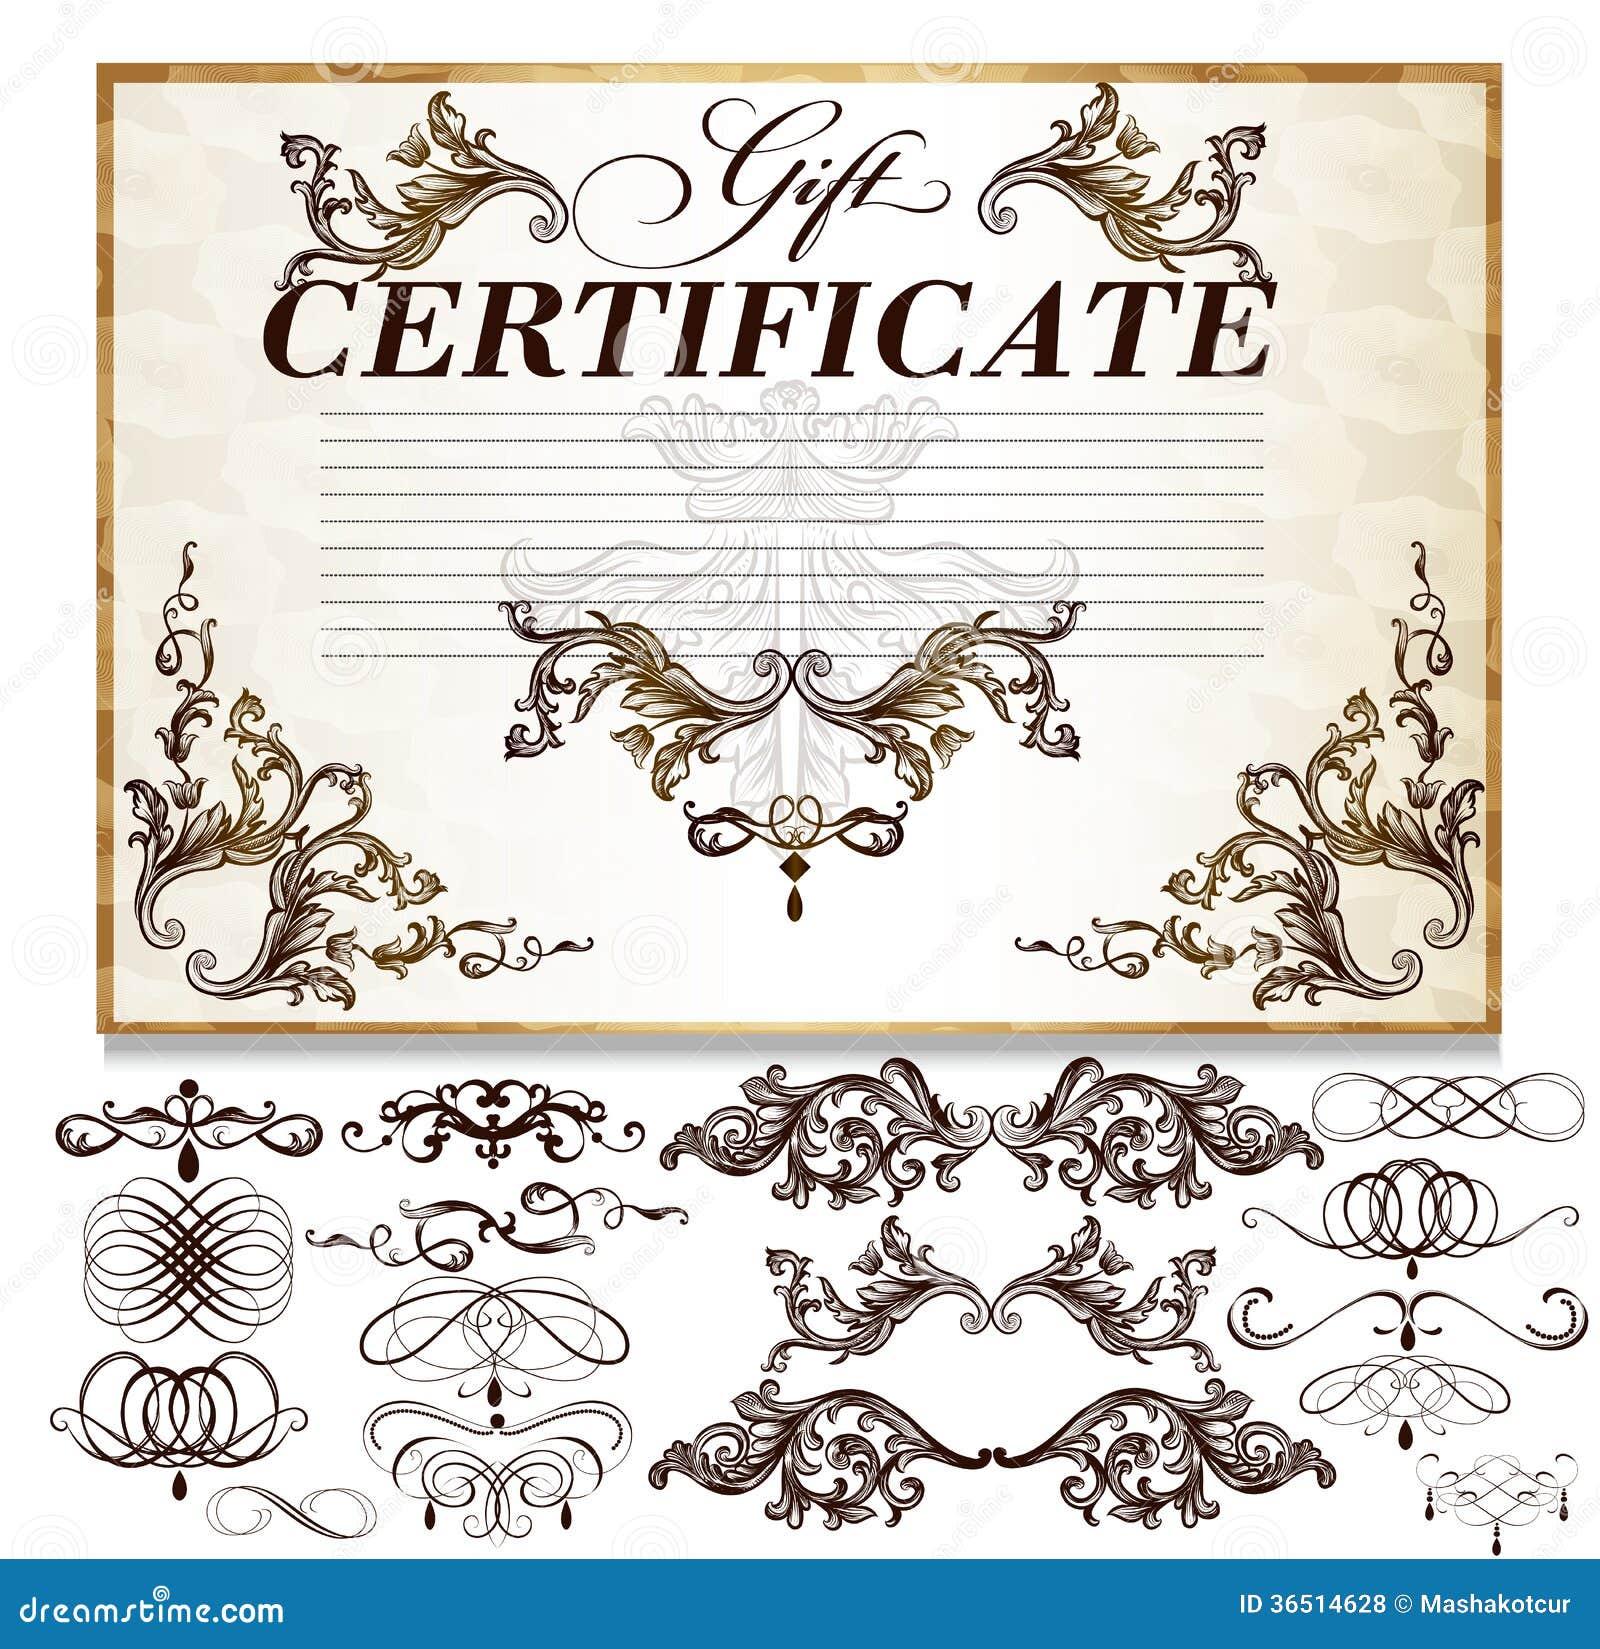 Chèque-cadeaux réglé avec les éléments calligraphiques décoratifs pour